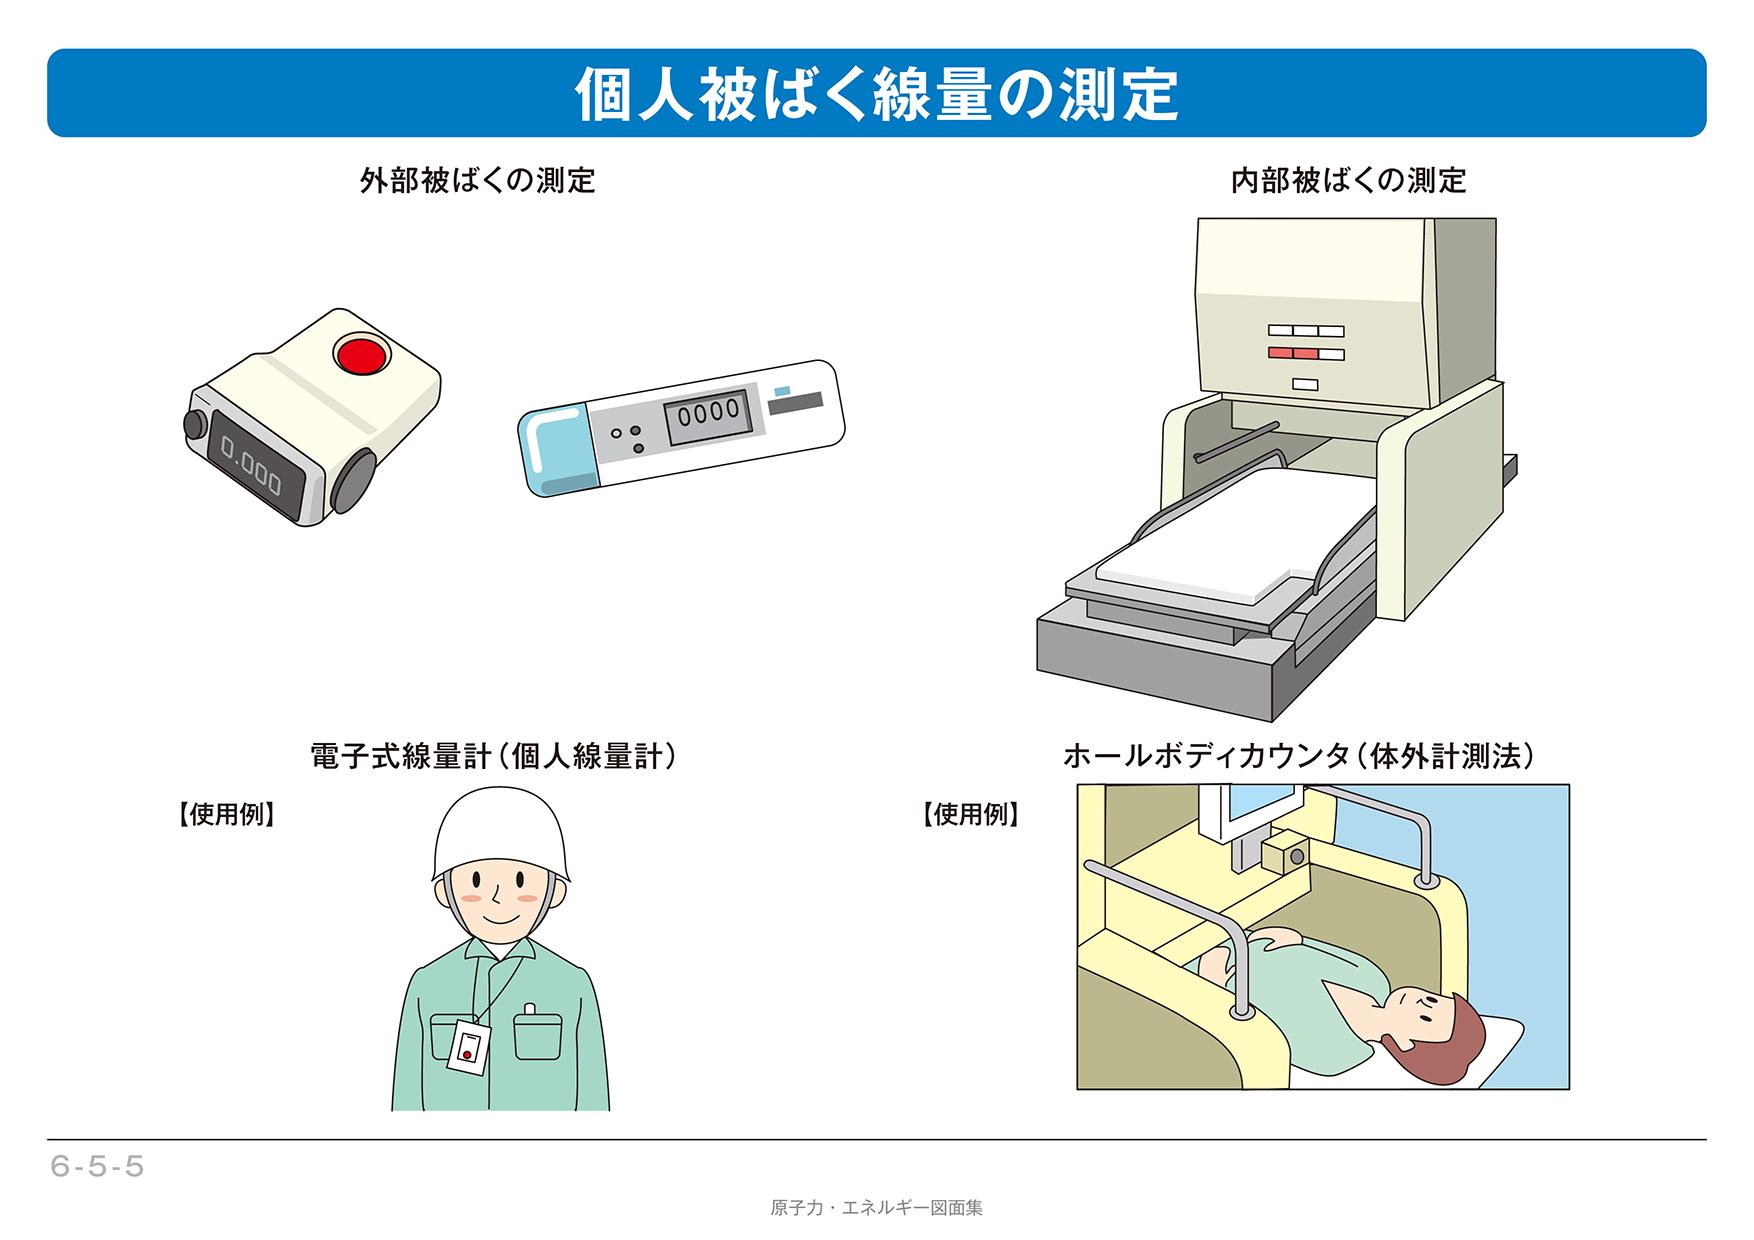 【6-5-5】個人被ばく線量の測定